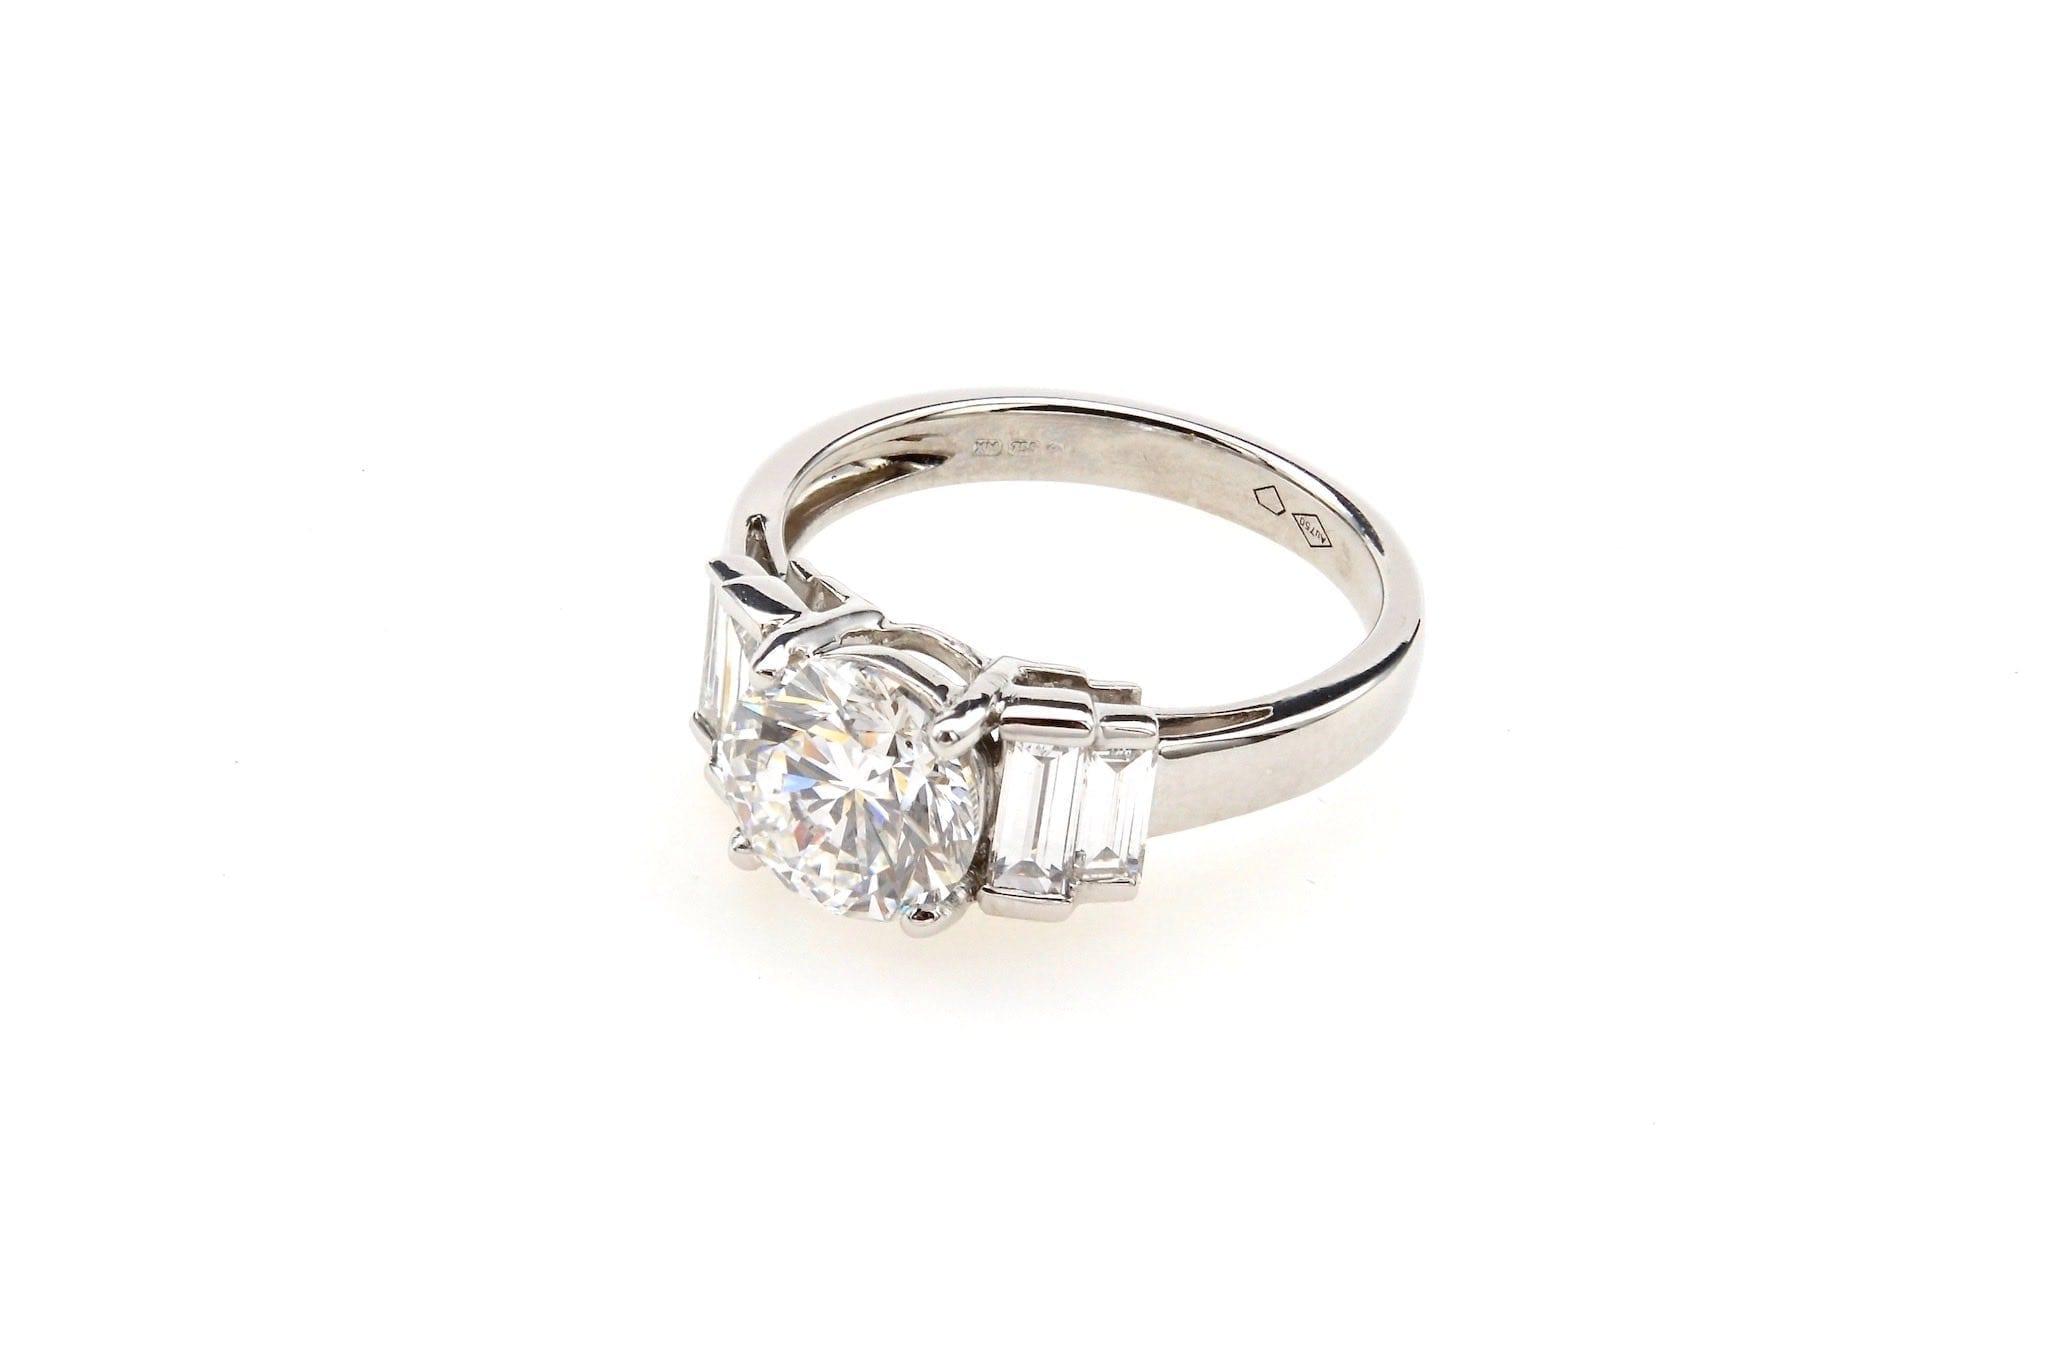 Bague diamant style vintage